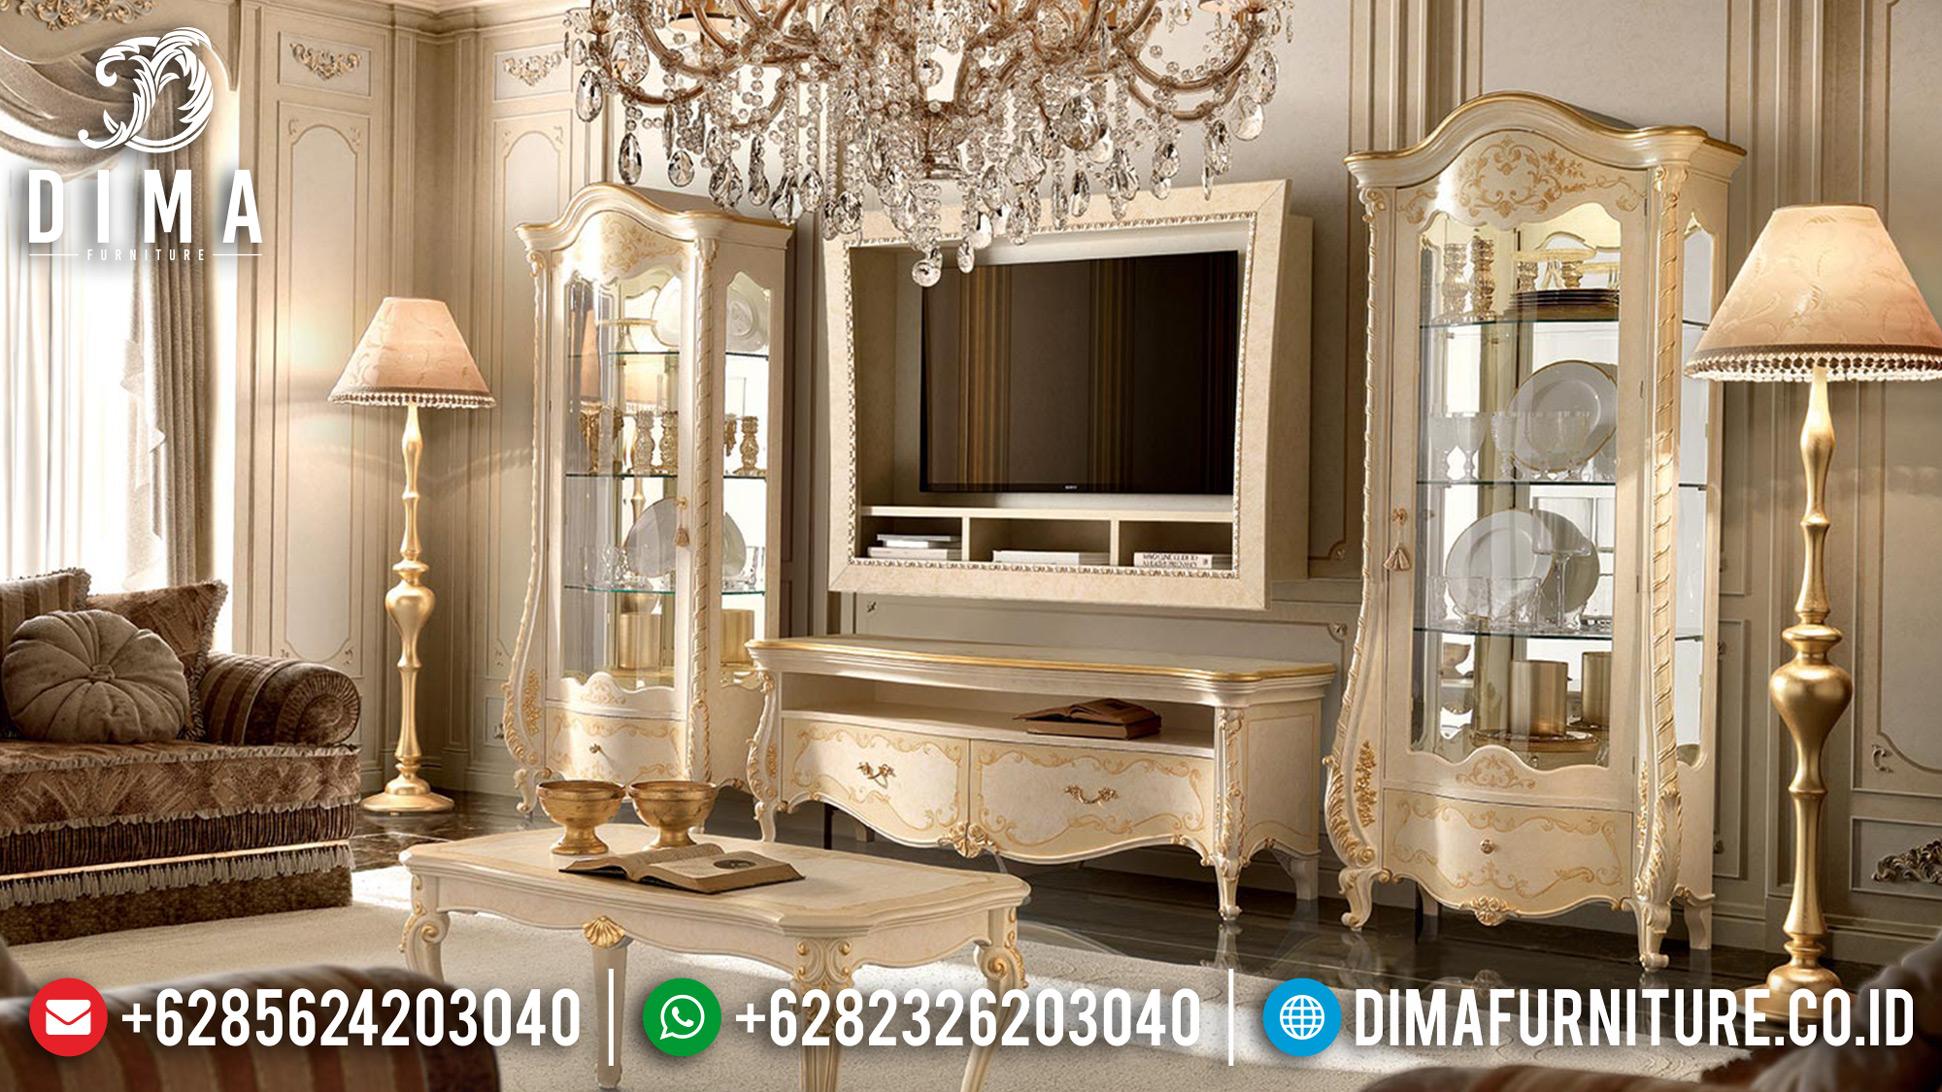 Jual Meja Bufet TV Mewah Jepara Model Klasik 2019 Terbaru Portofino DF-0777